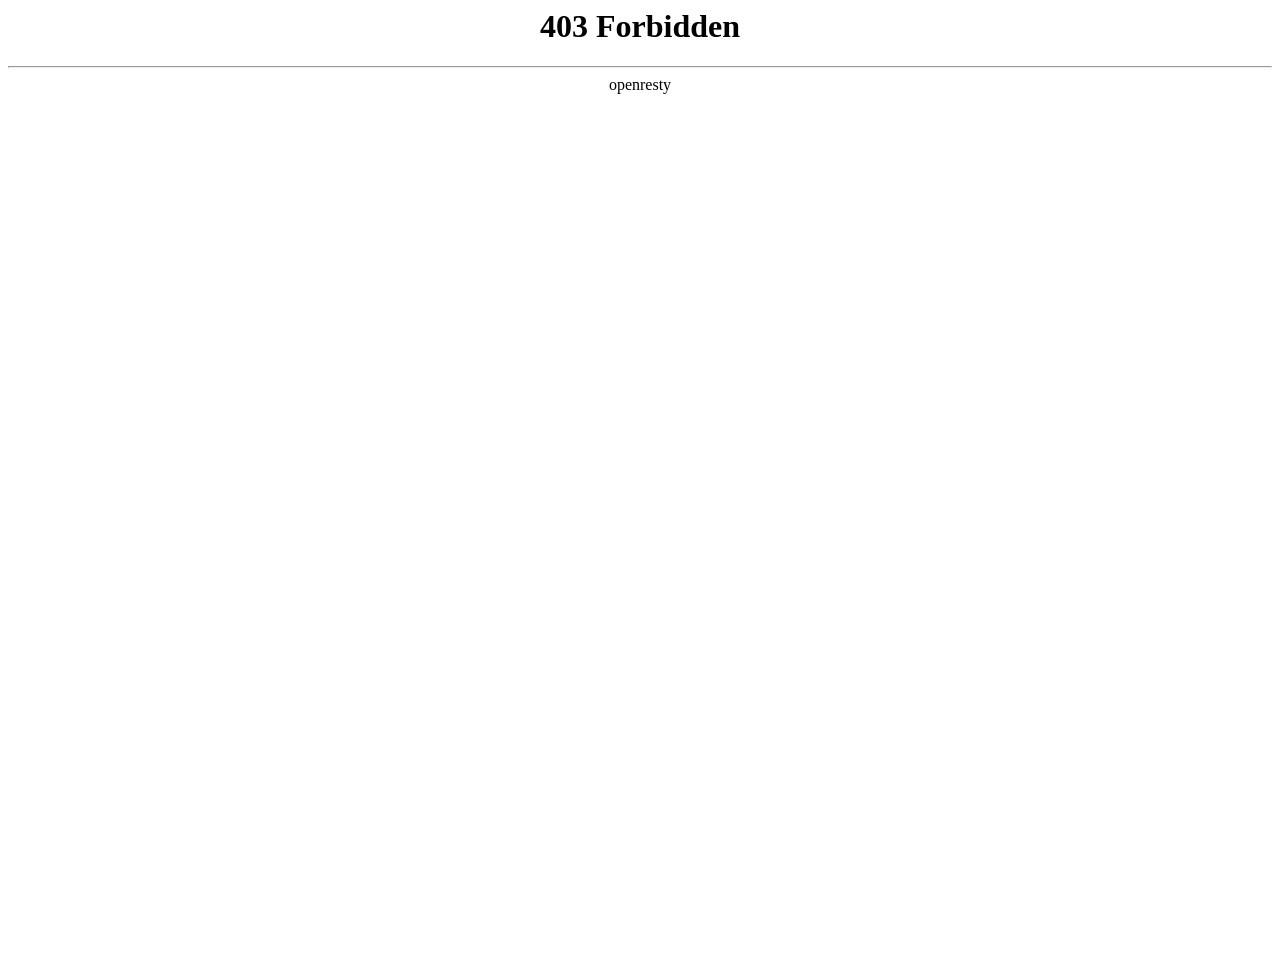 中公教育的网站截图